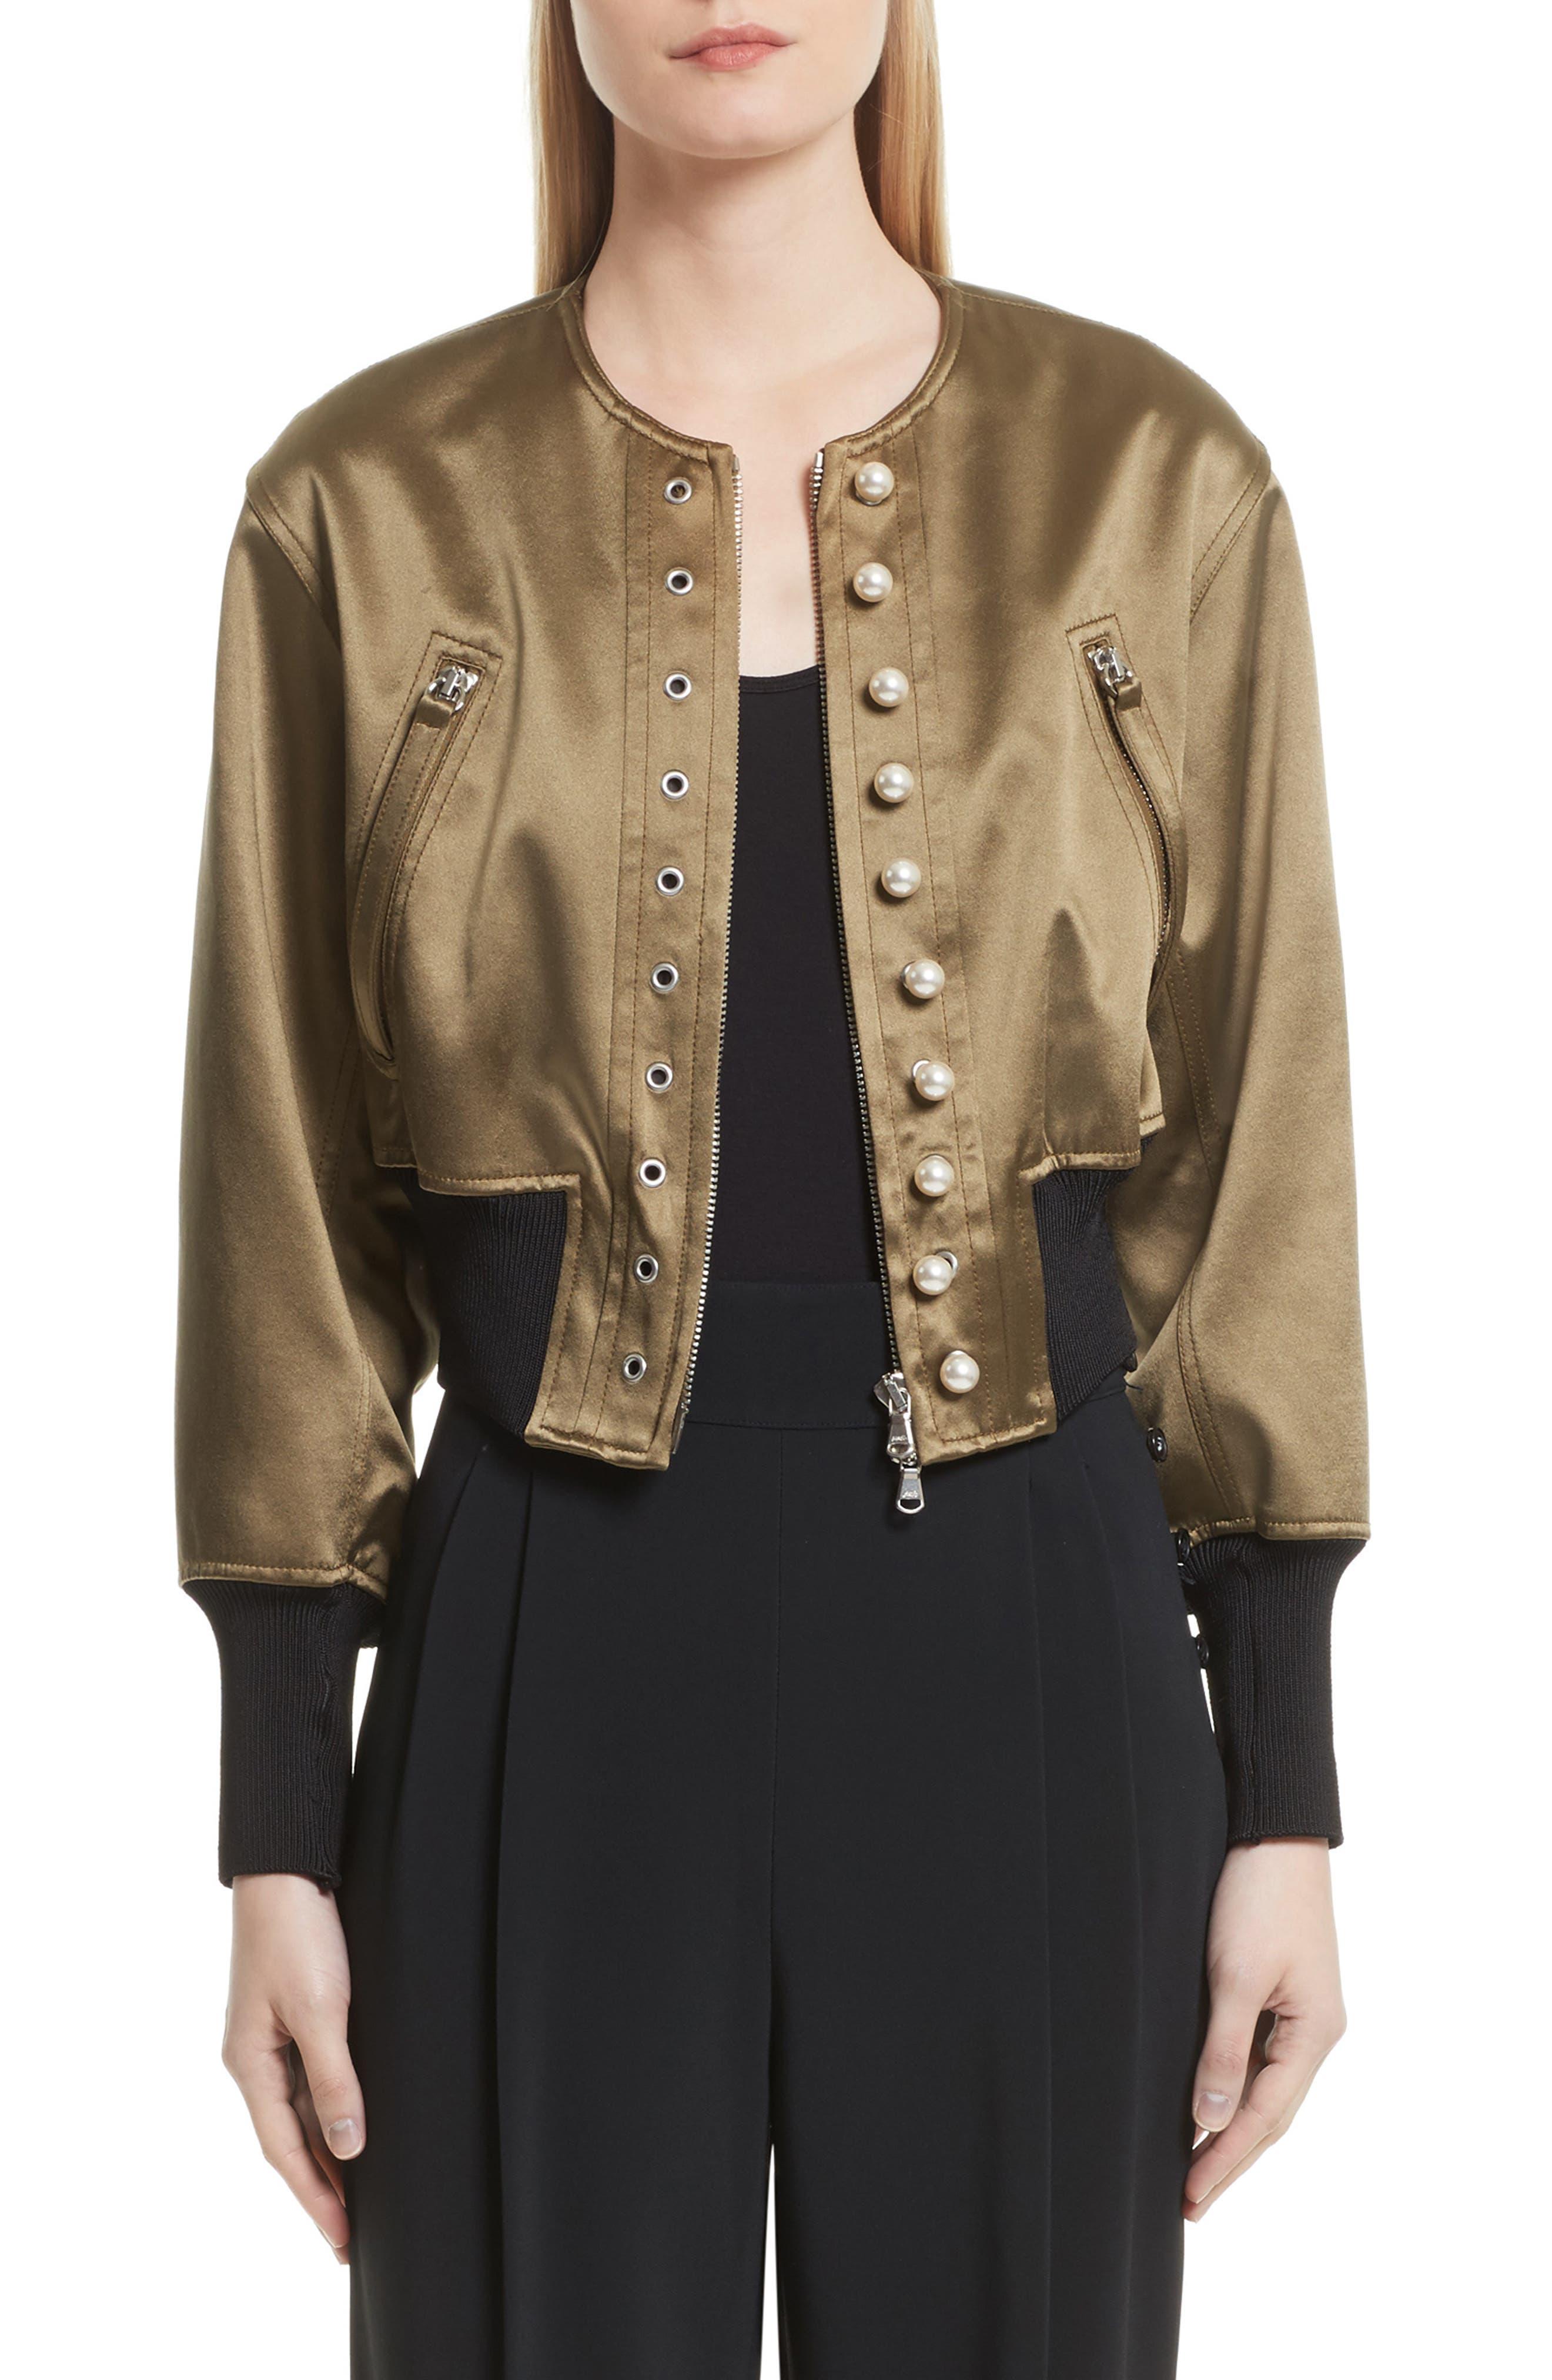 3.1 Phillip Lim Grommet & Faux Pearl Embellished Bomber Jacket